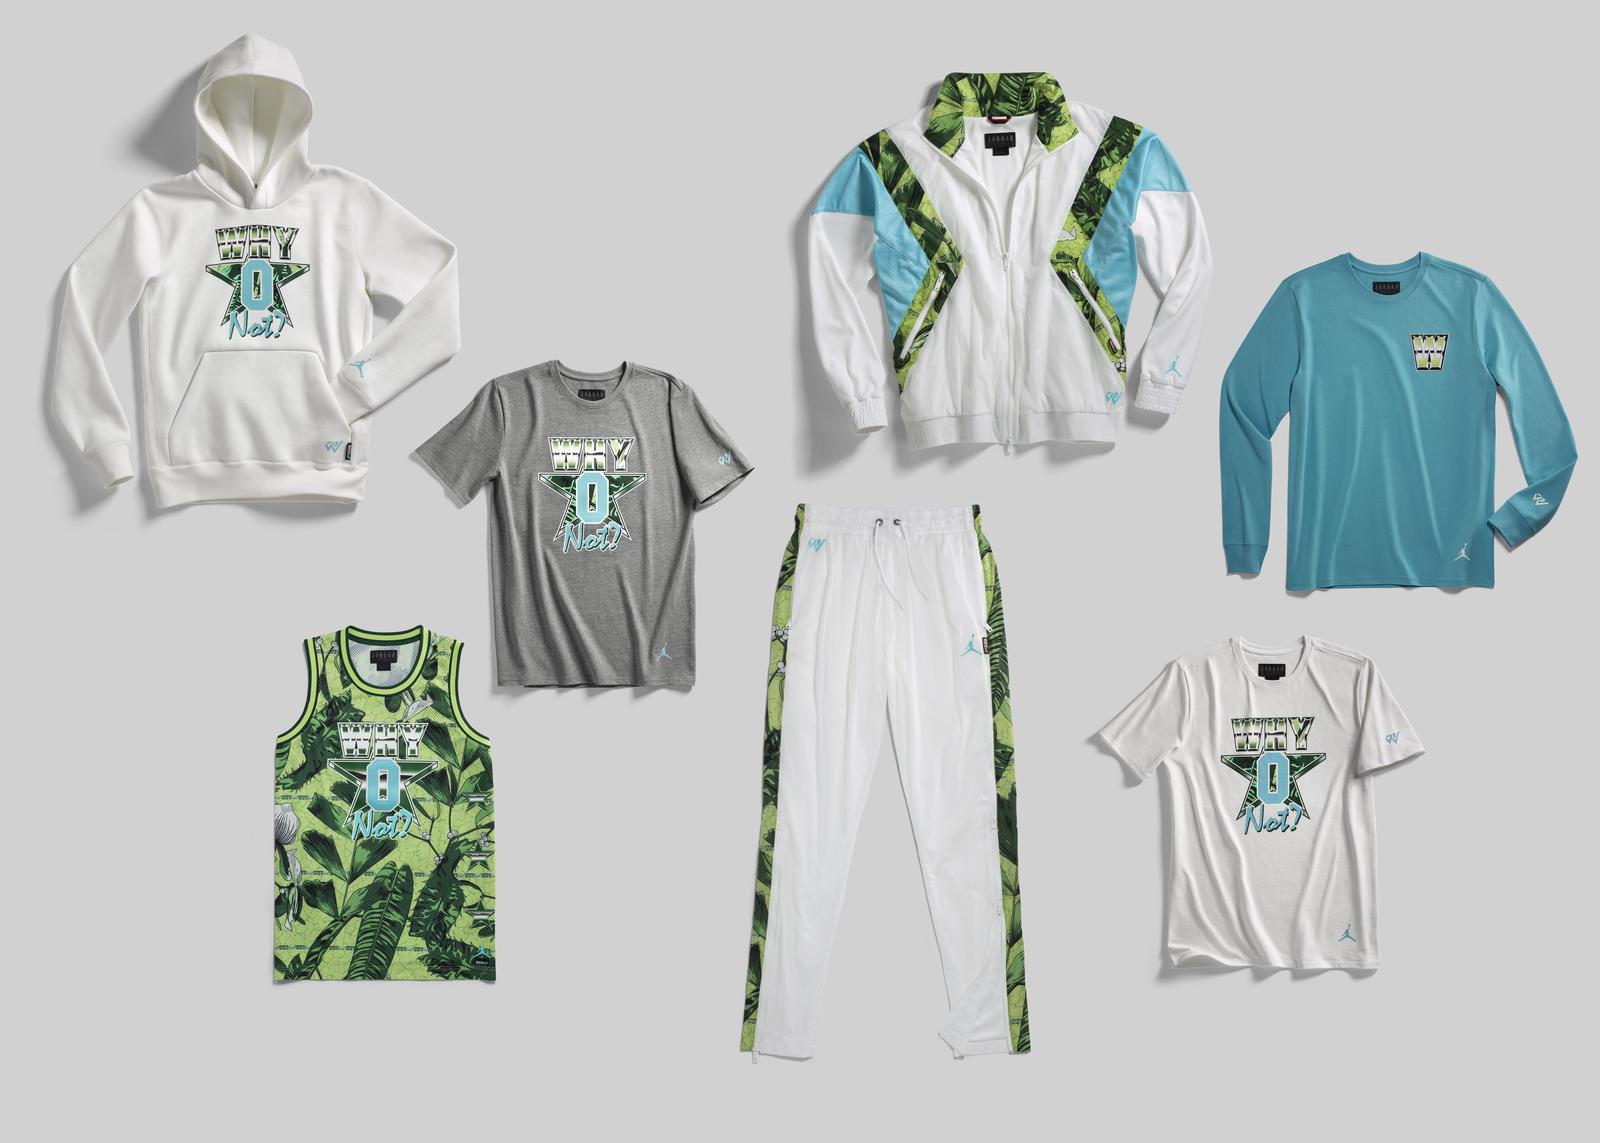 0c40607c06df48 Jordan Brand Fall 2018 Preview - Nike News